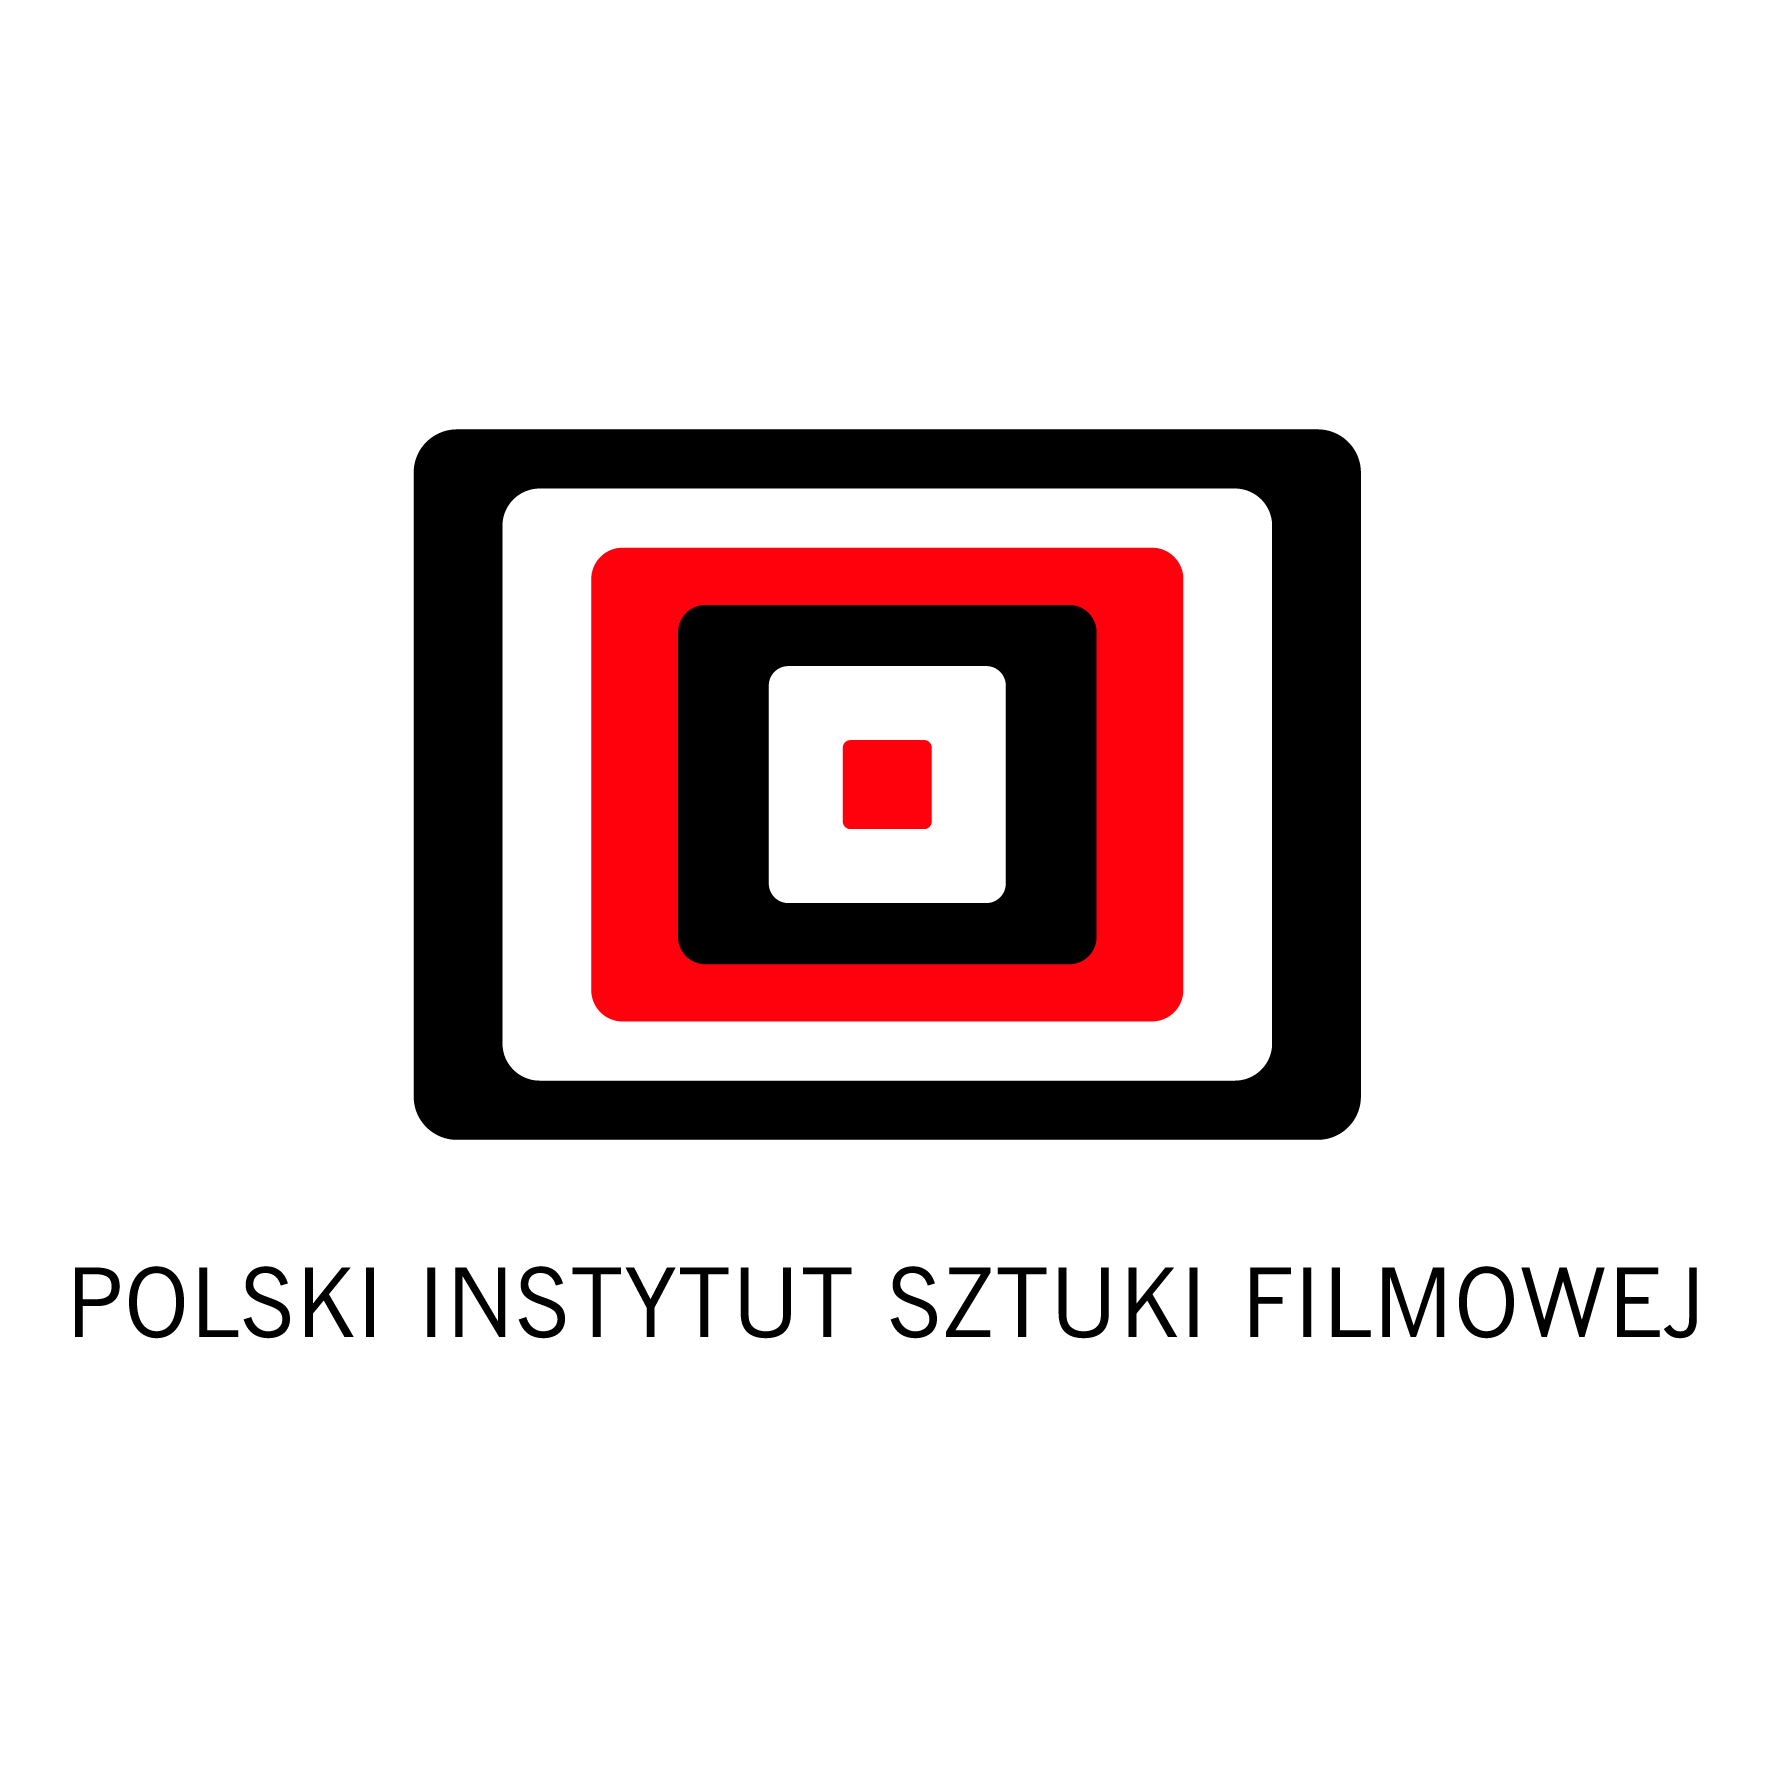 PisfPol_beztla